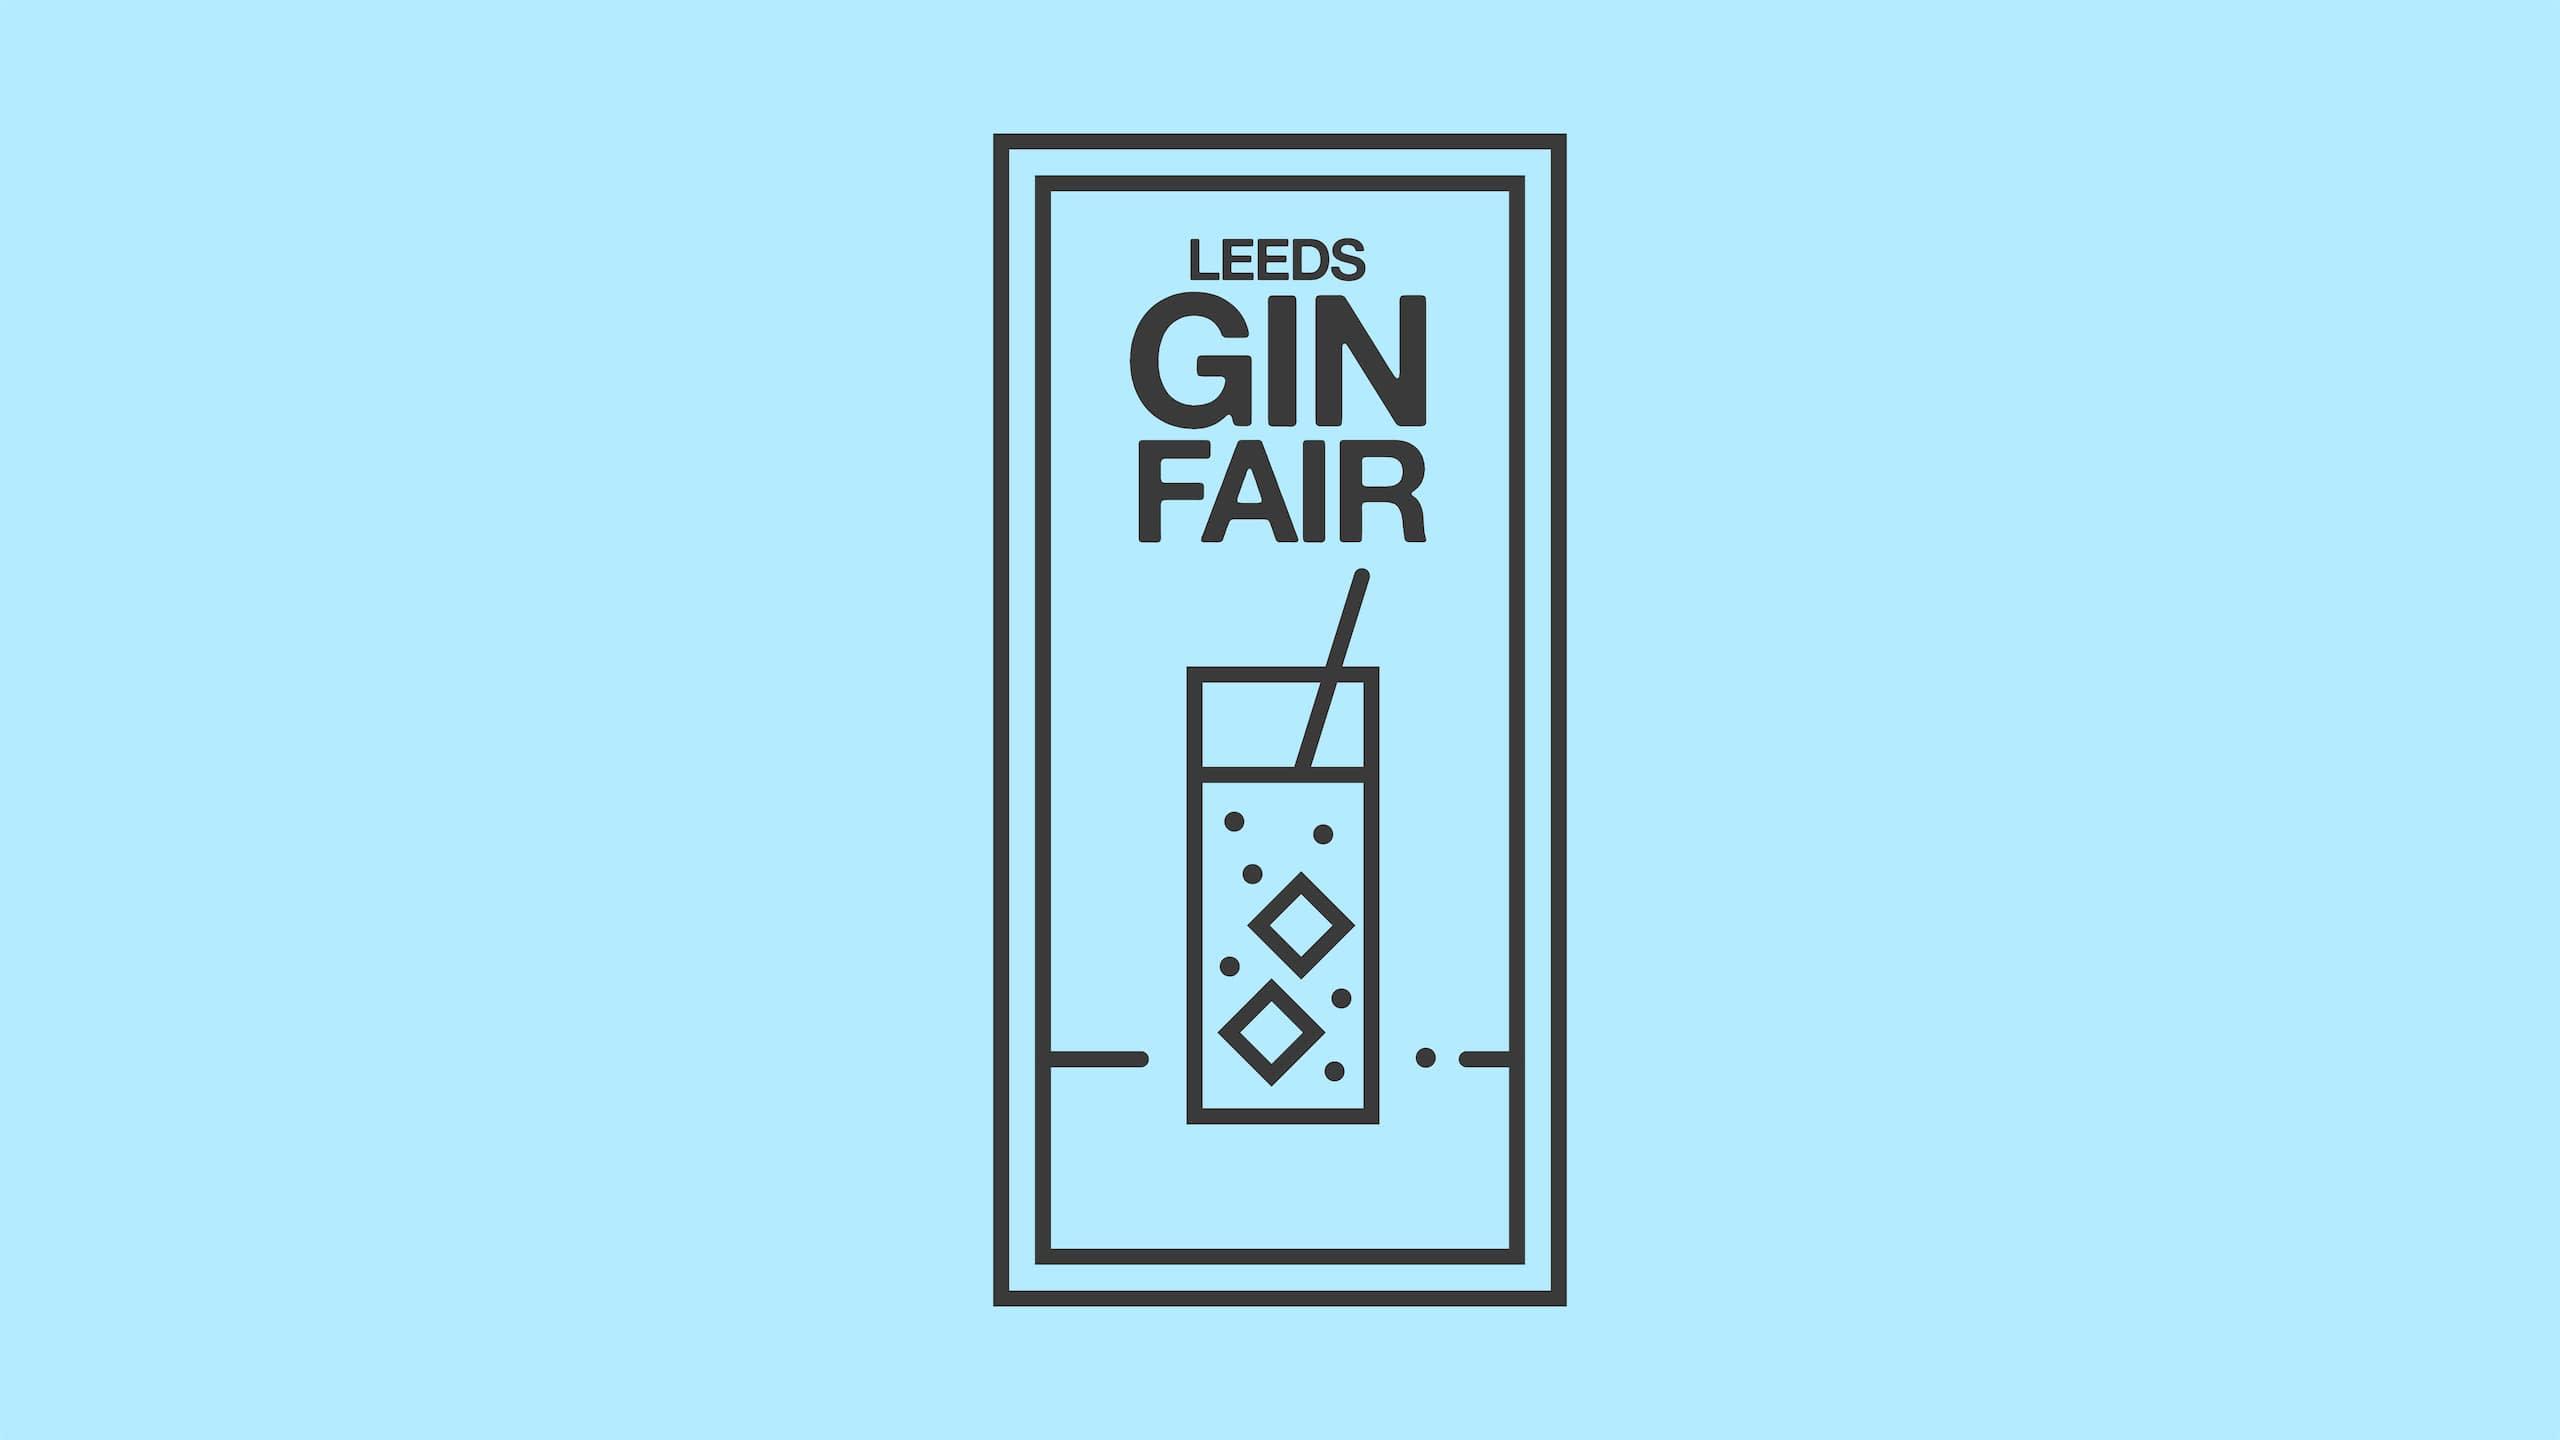 The Leeds Gin Fair